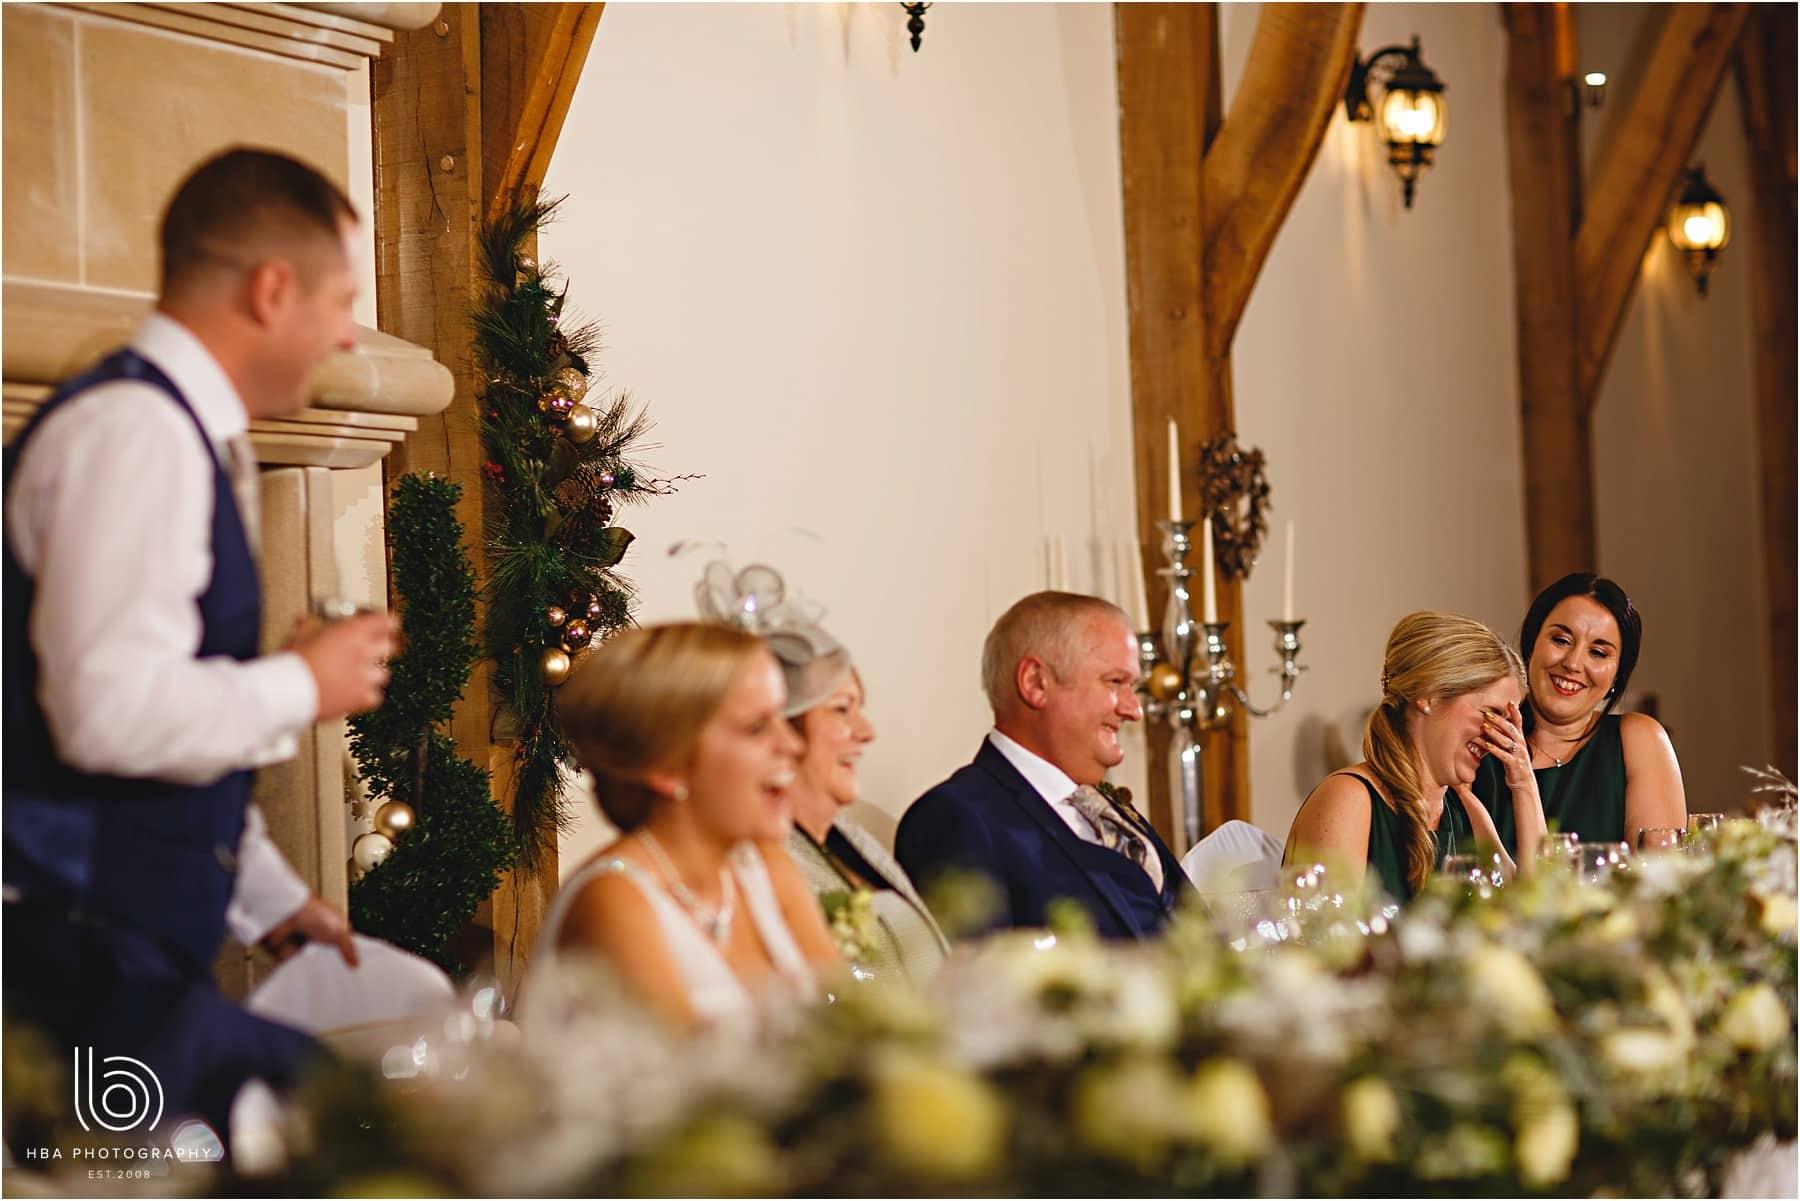 Swancar Farm Country House Wedding Photos Nottingham_0044